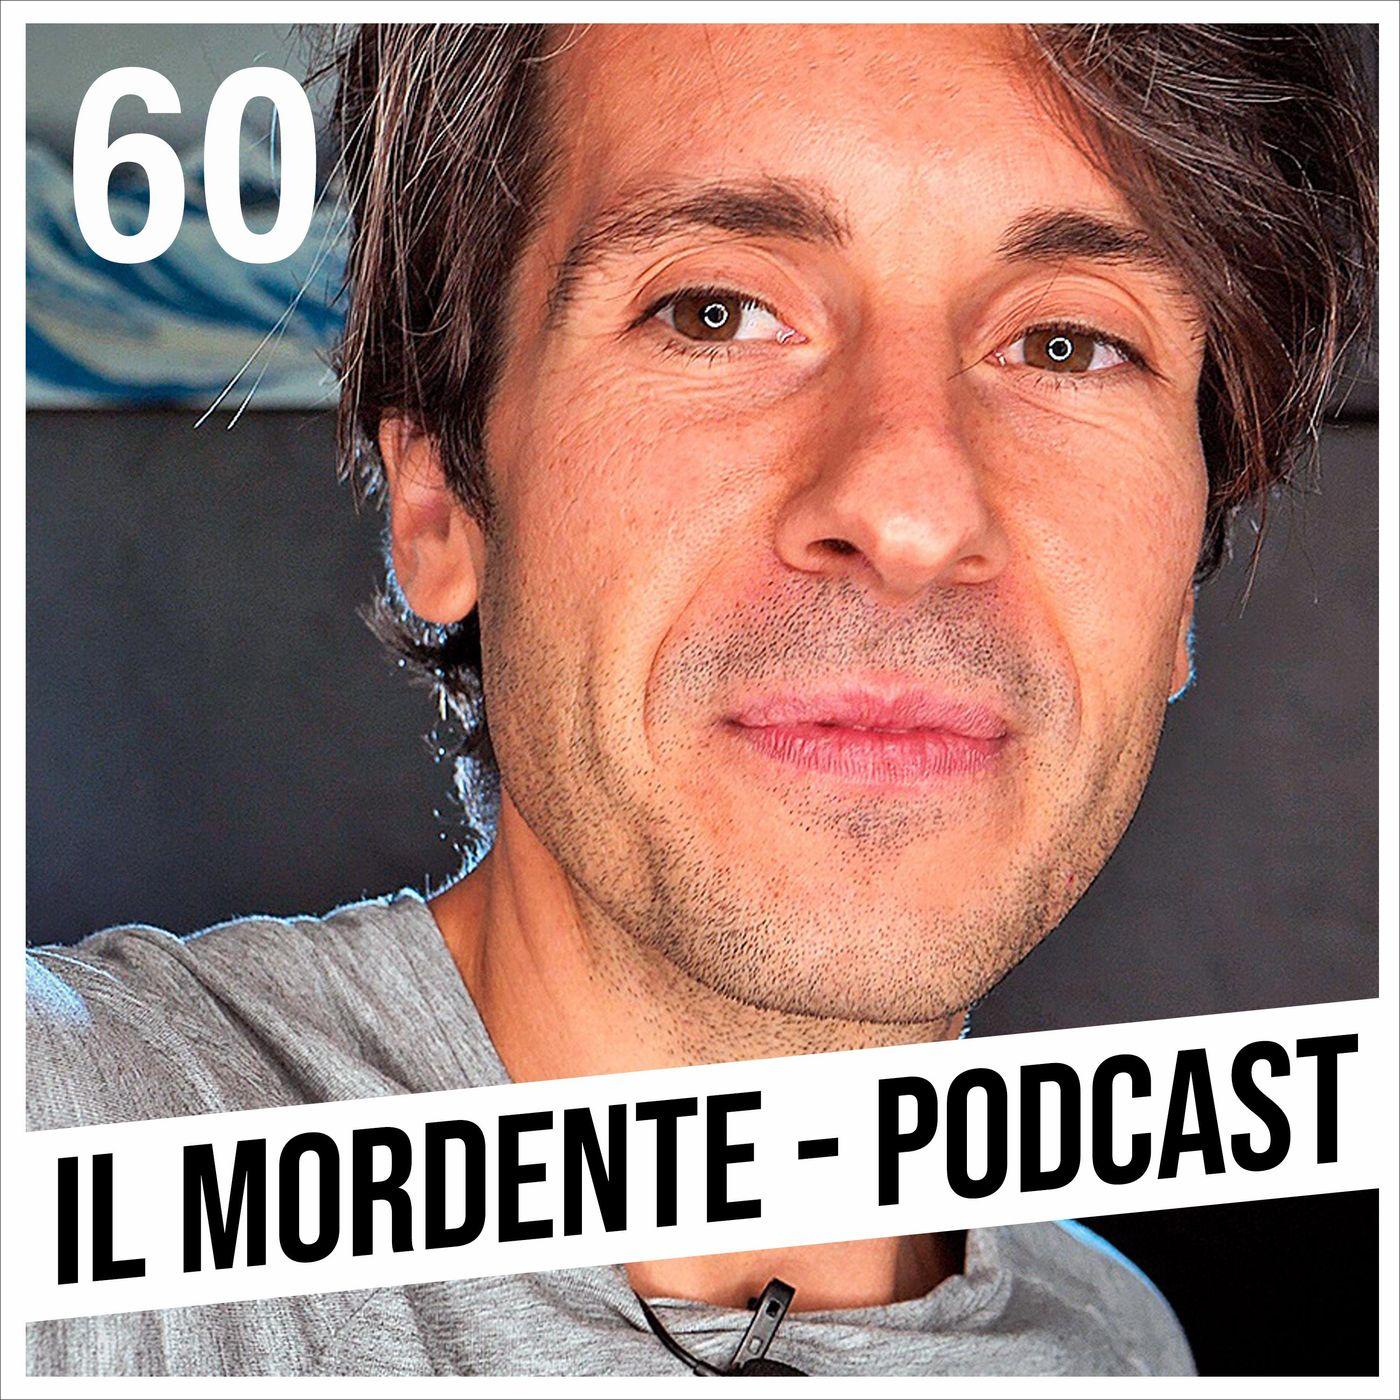 60 | I podcast sono morti.